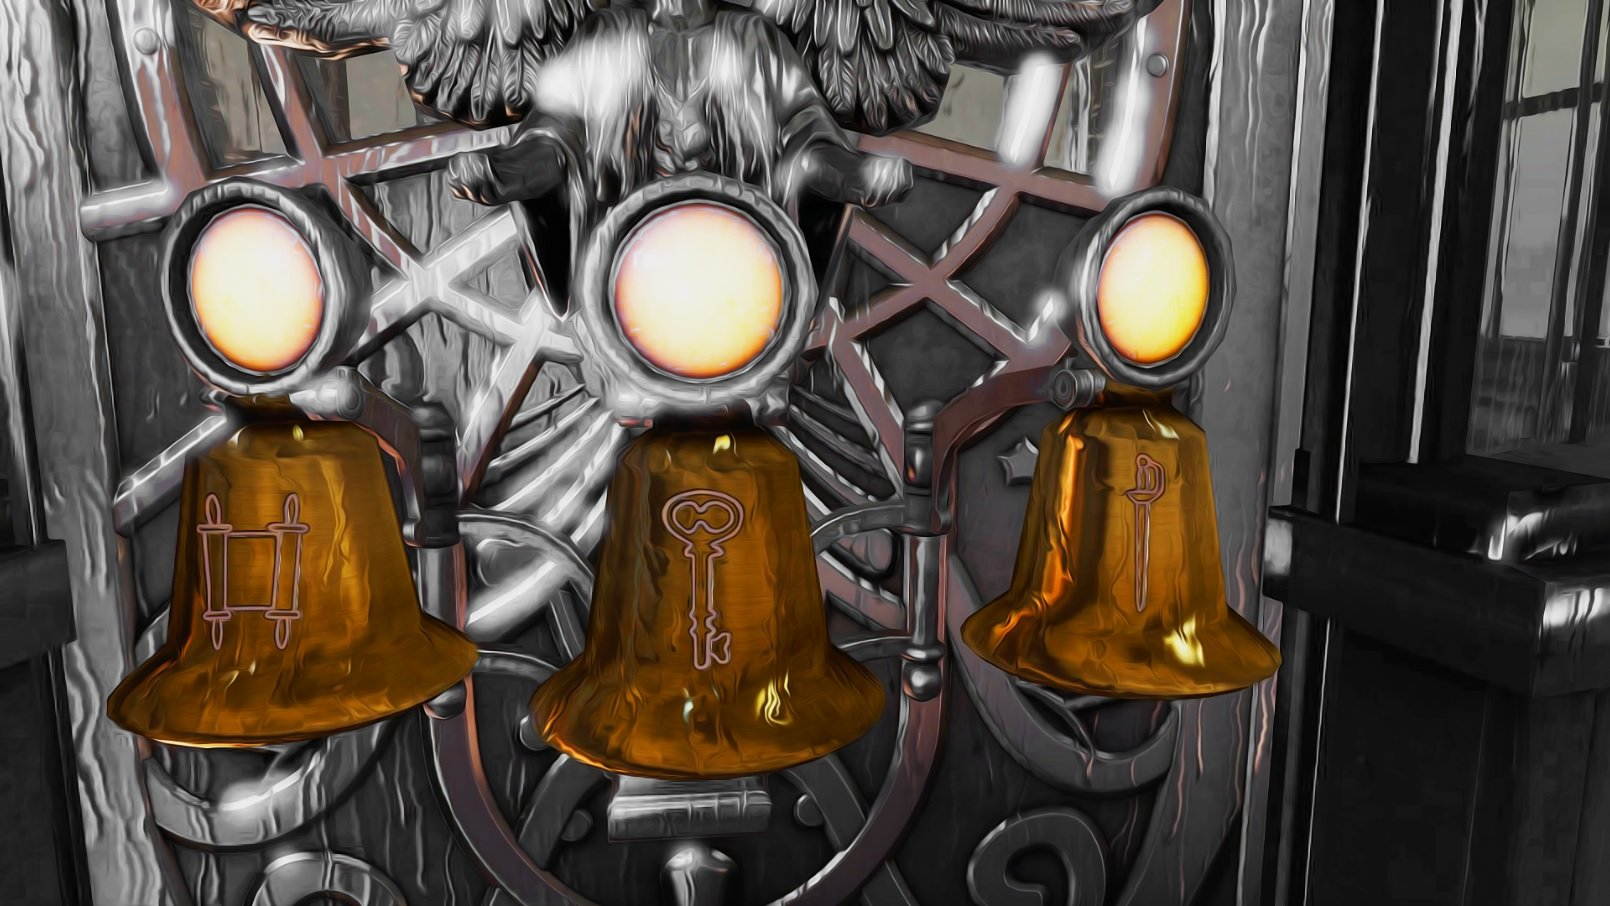 Обои по игре BioShock Infinit - Изображение 1